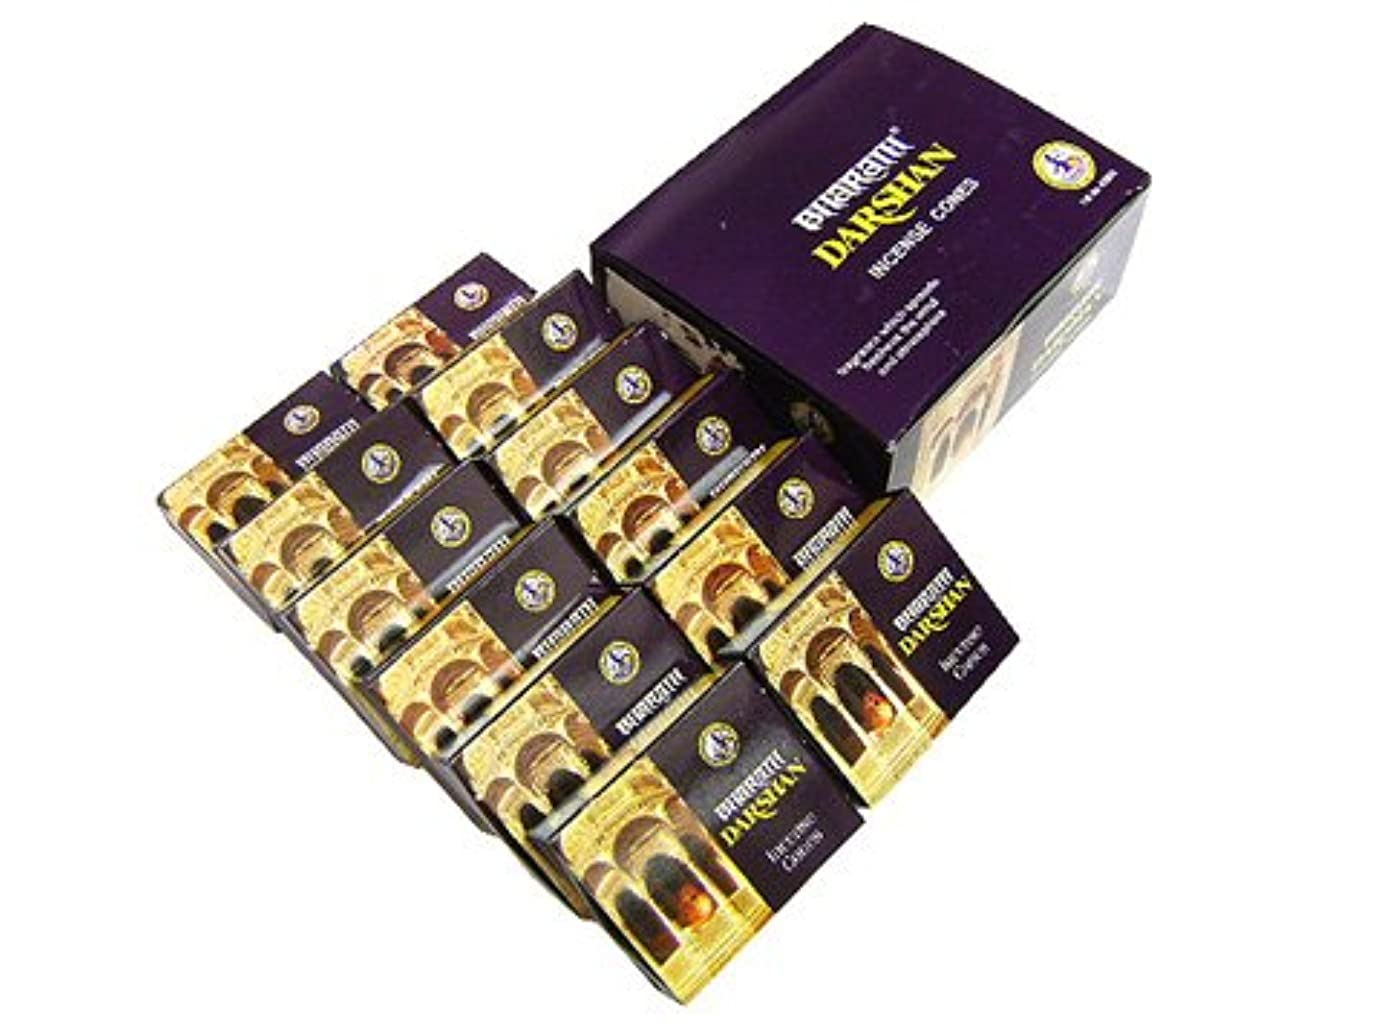 小間分析的な監督するASOKA TRADING(アショーカ トレーディング) バハラットダルシャン香コーンタイプ TRADING BHARATH DARSHAN CORN 12箱セット